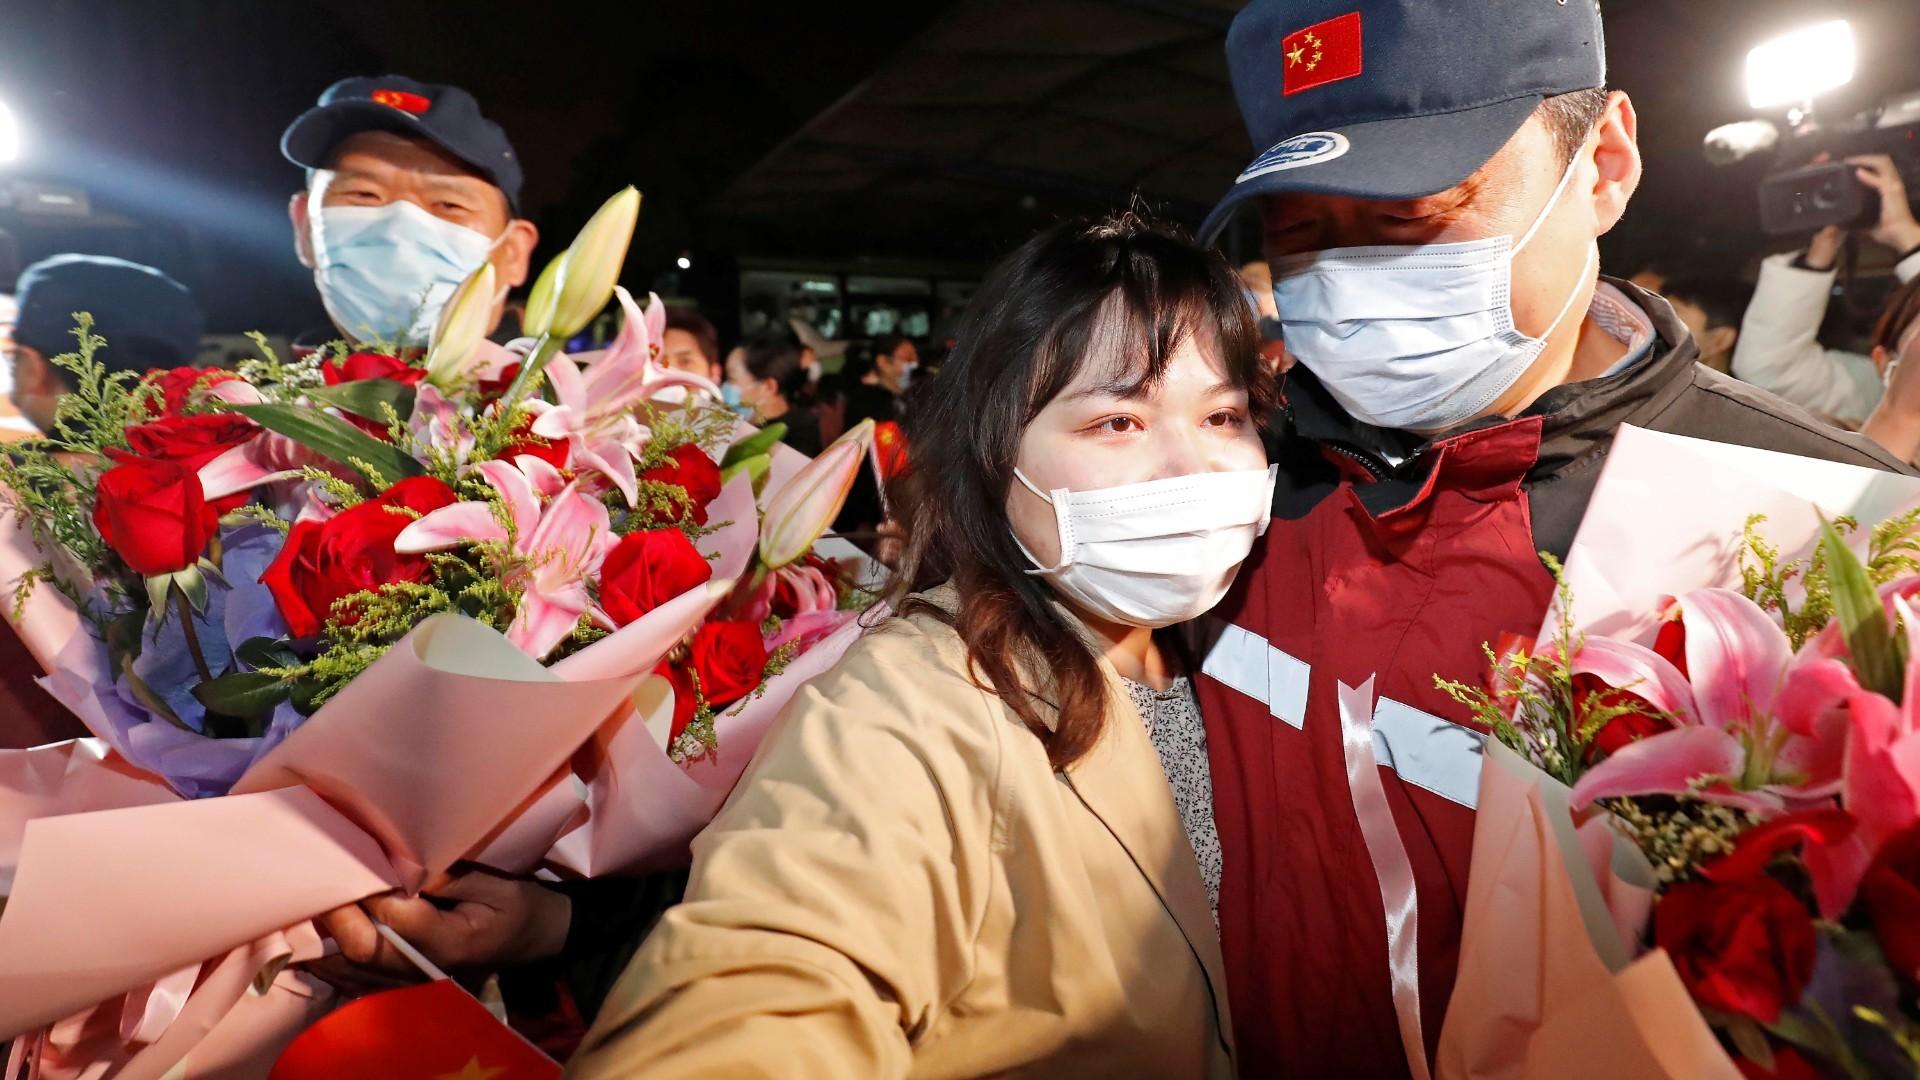 Coronavirus lockdown eases in China